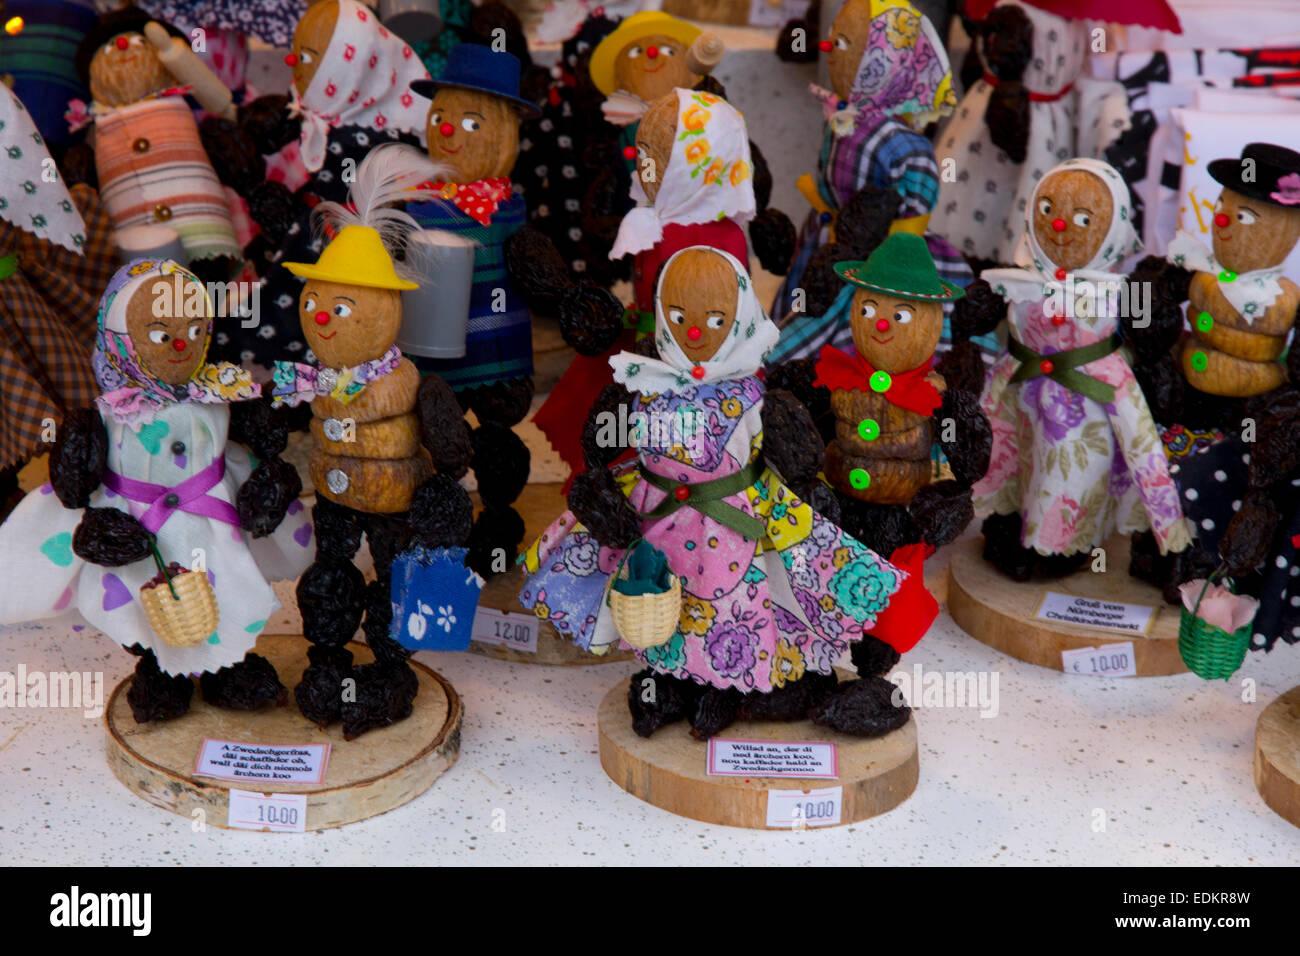 Weihnachtsmarkt Heiligabend.Berühmte Nürnberger Christkindlmarkt Weihnachtsmarkt Wird Jedes